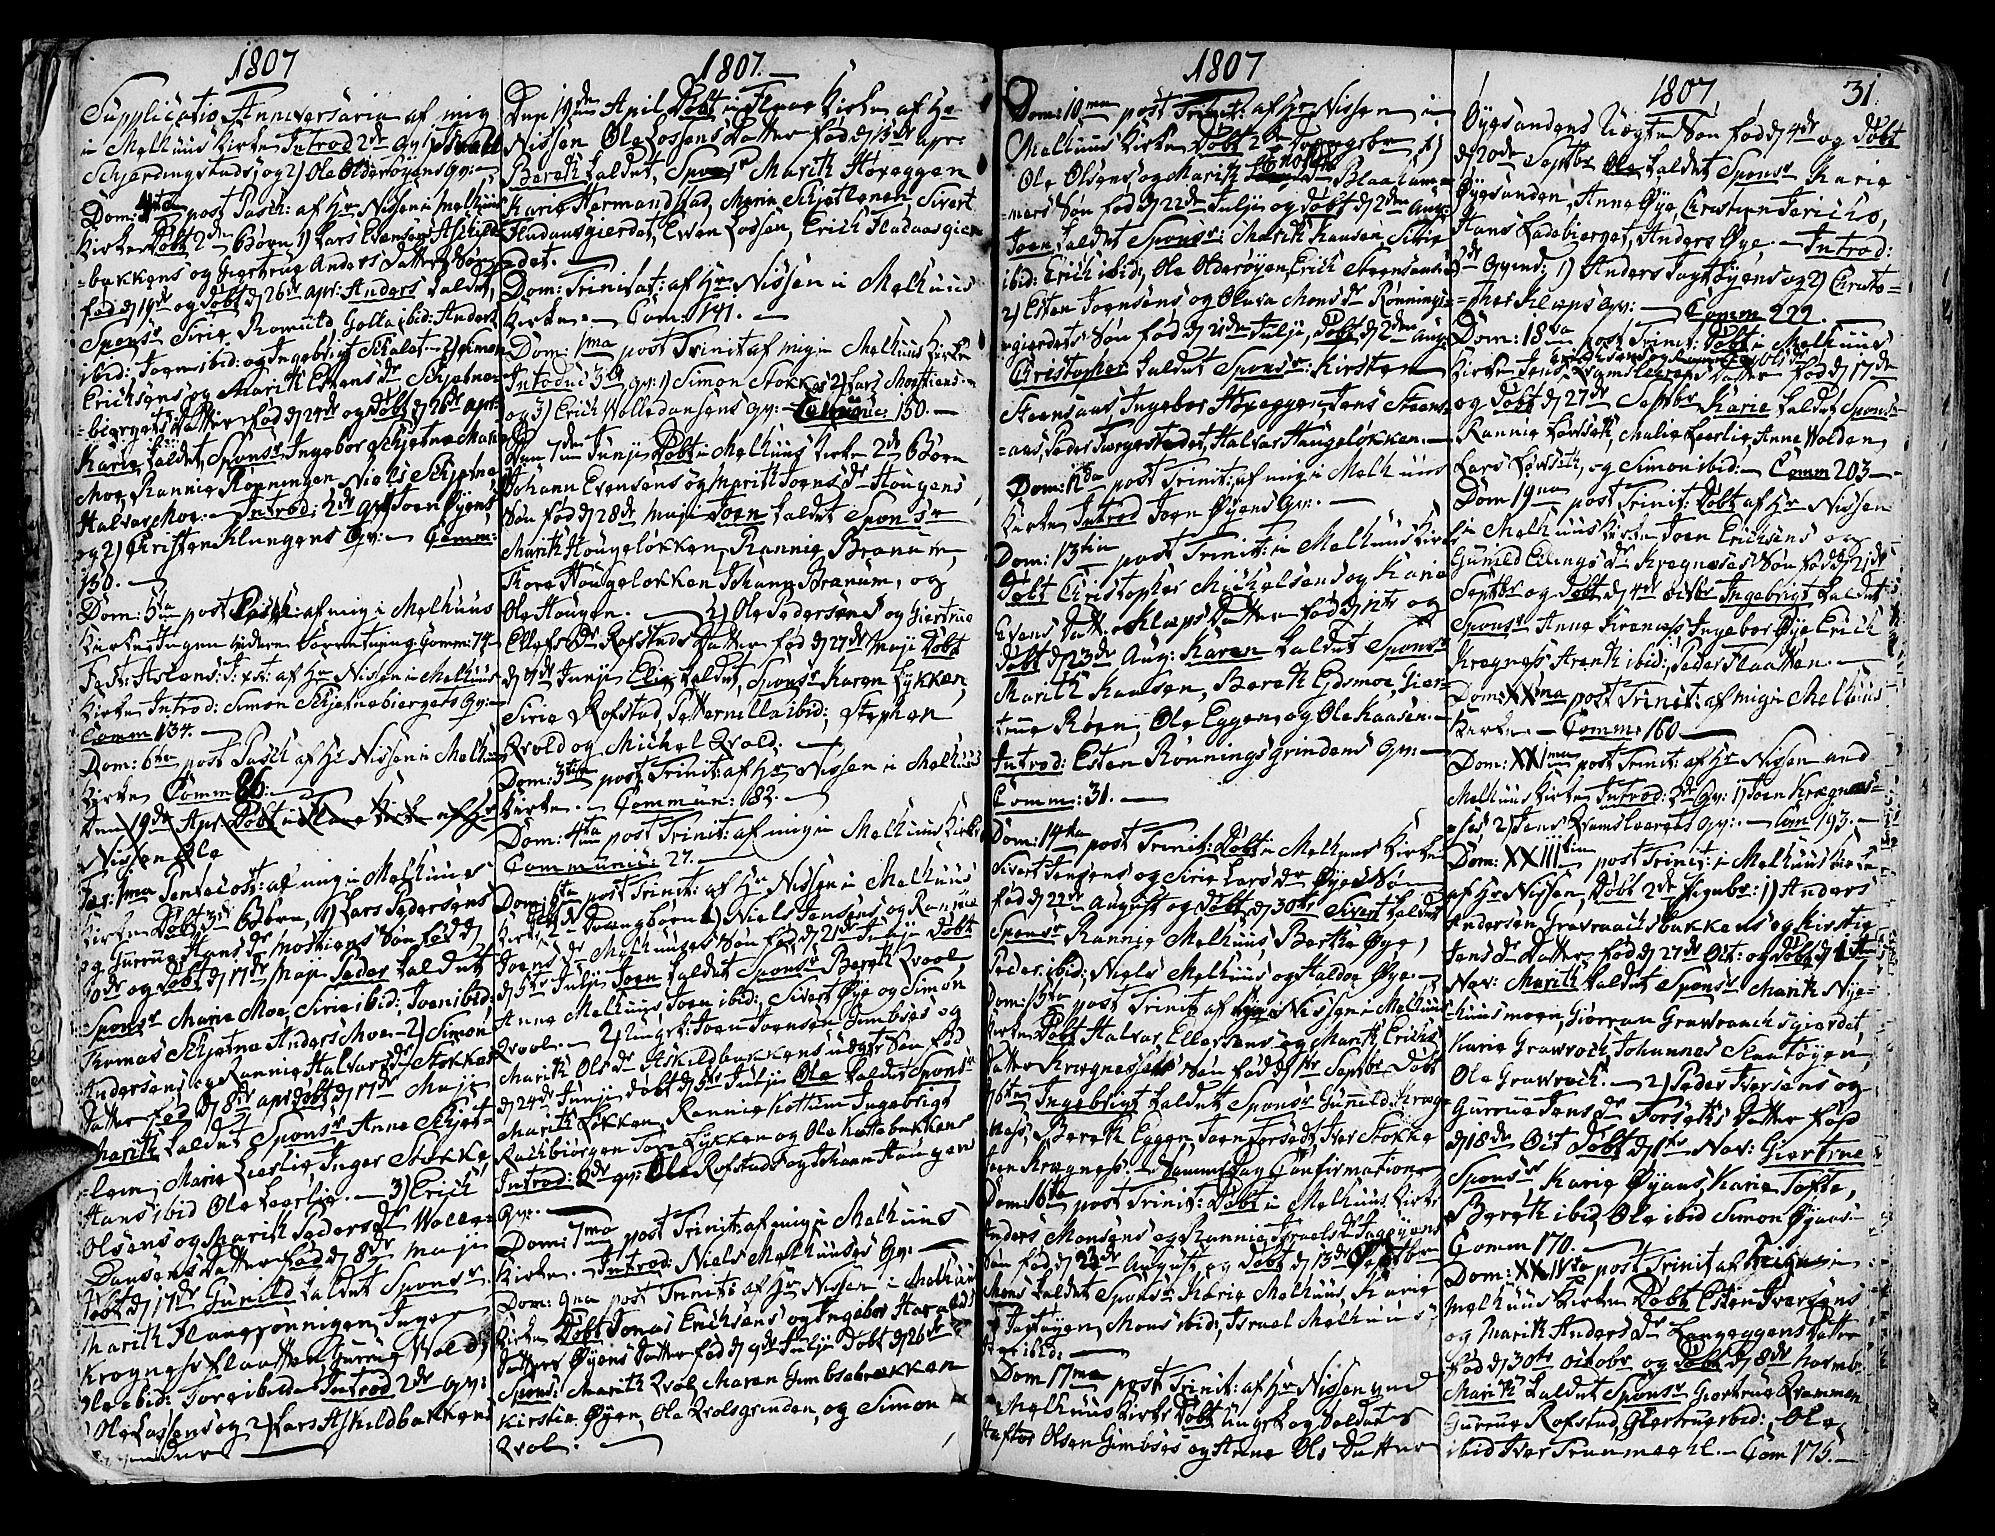 SAT, Ministerialprotokoller, klokkerbøker og fødselsregistre - Sør-Trøndelag, 691/L1061: Ministerialbok nr. 691A02 /1, 1768-1815, s. 31